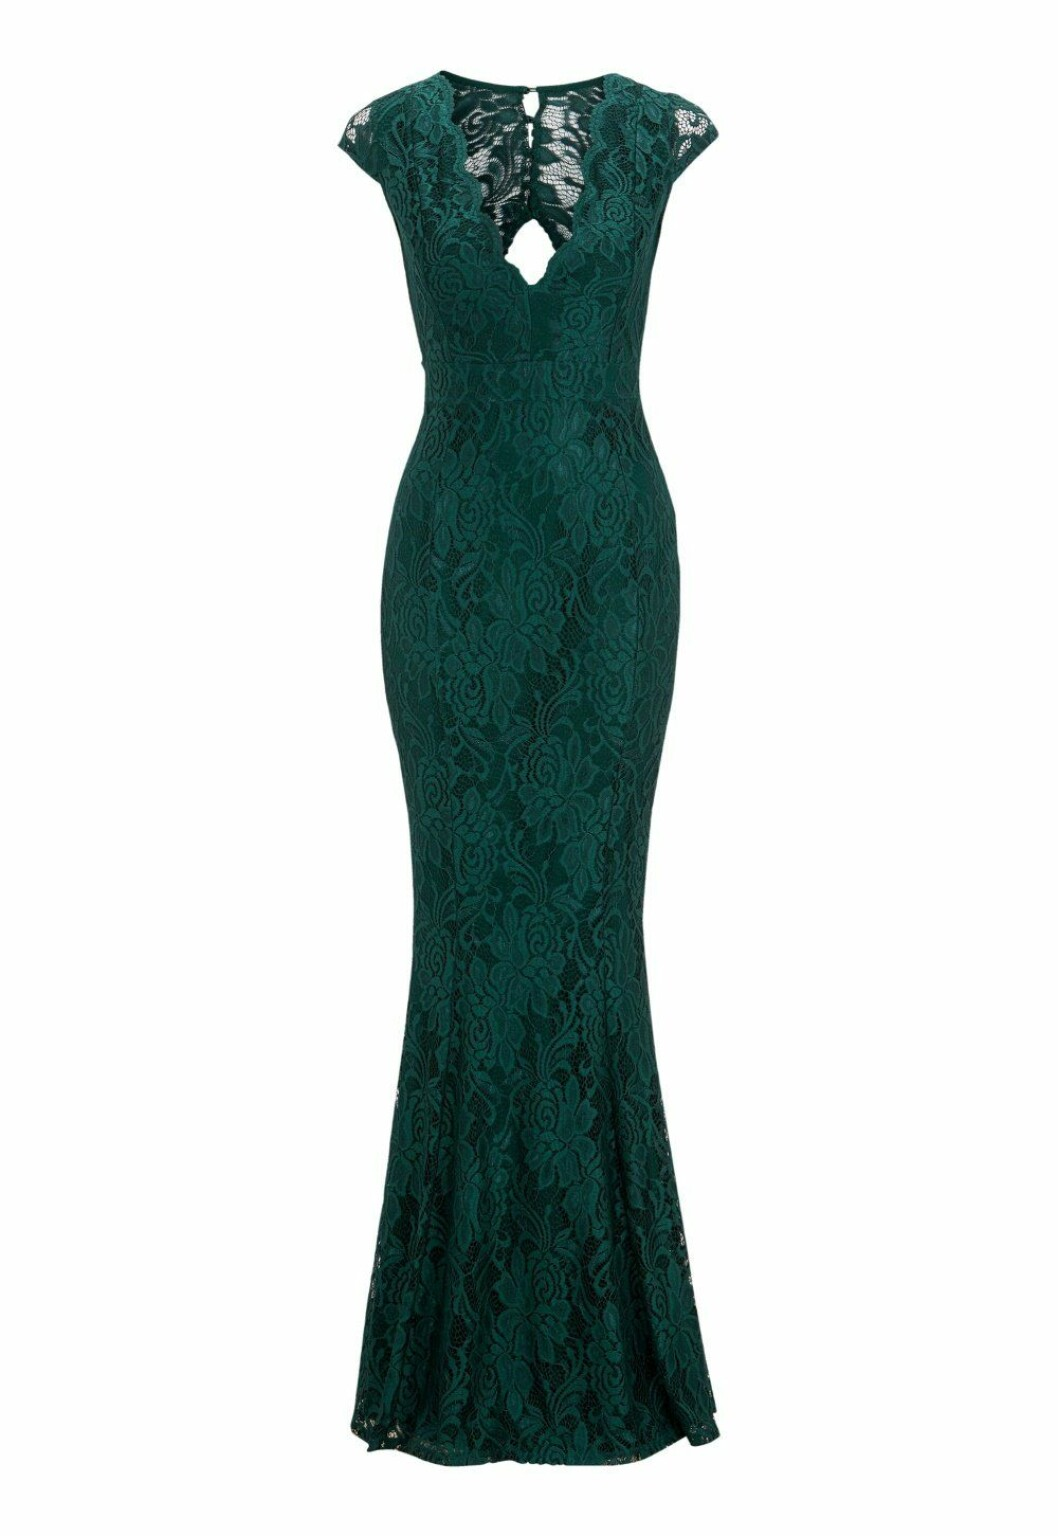 Grön spetsklänning i lång modell